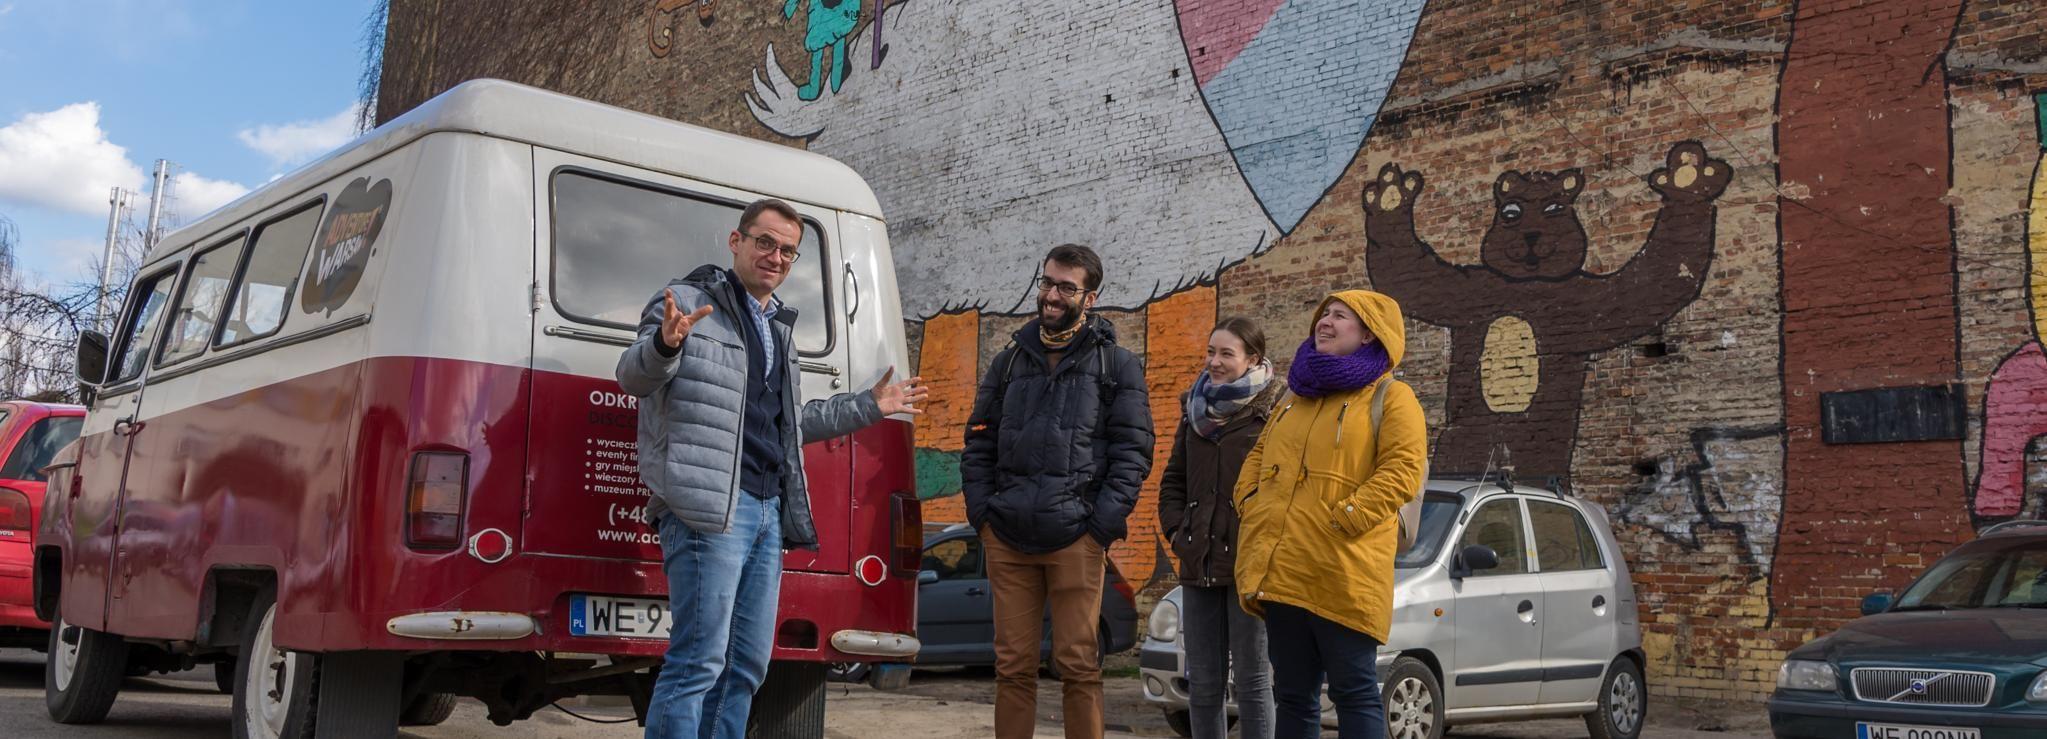 Varsavia: tour di 4 ore delle zone meno conosciute